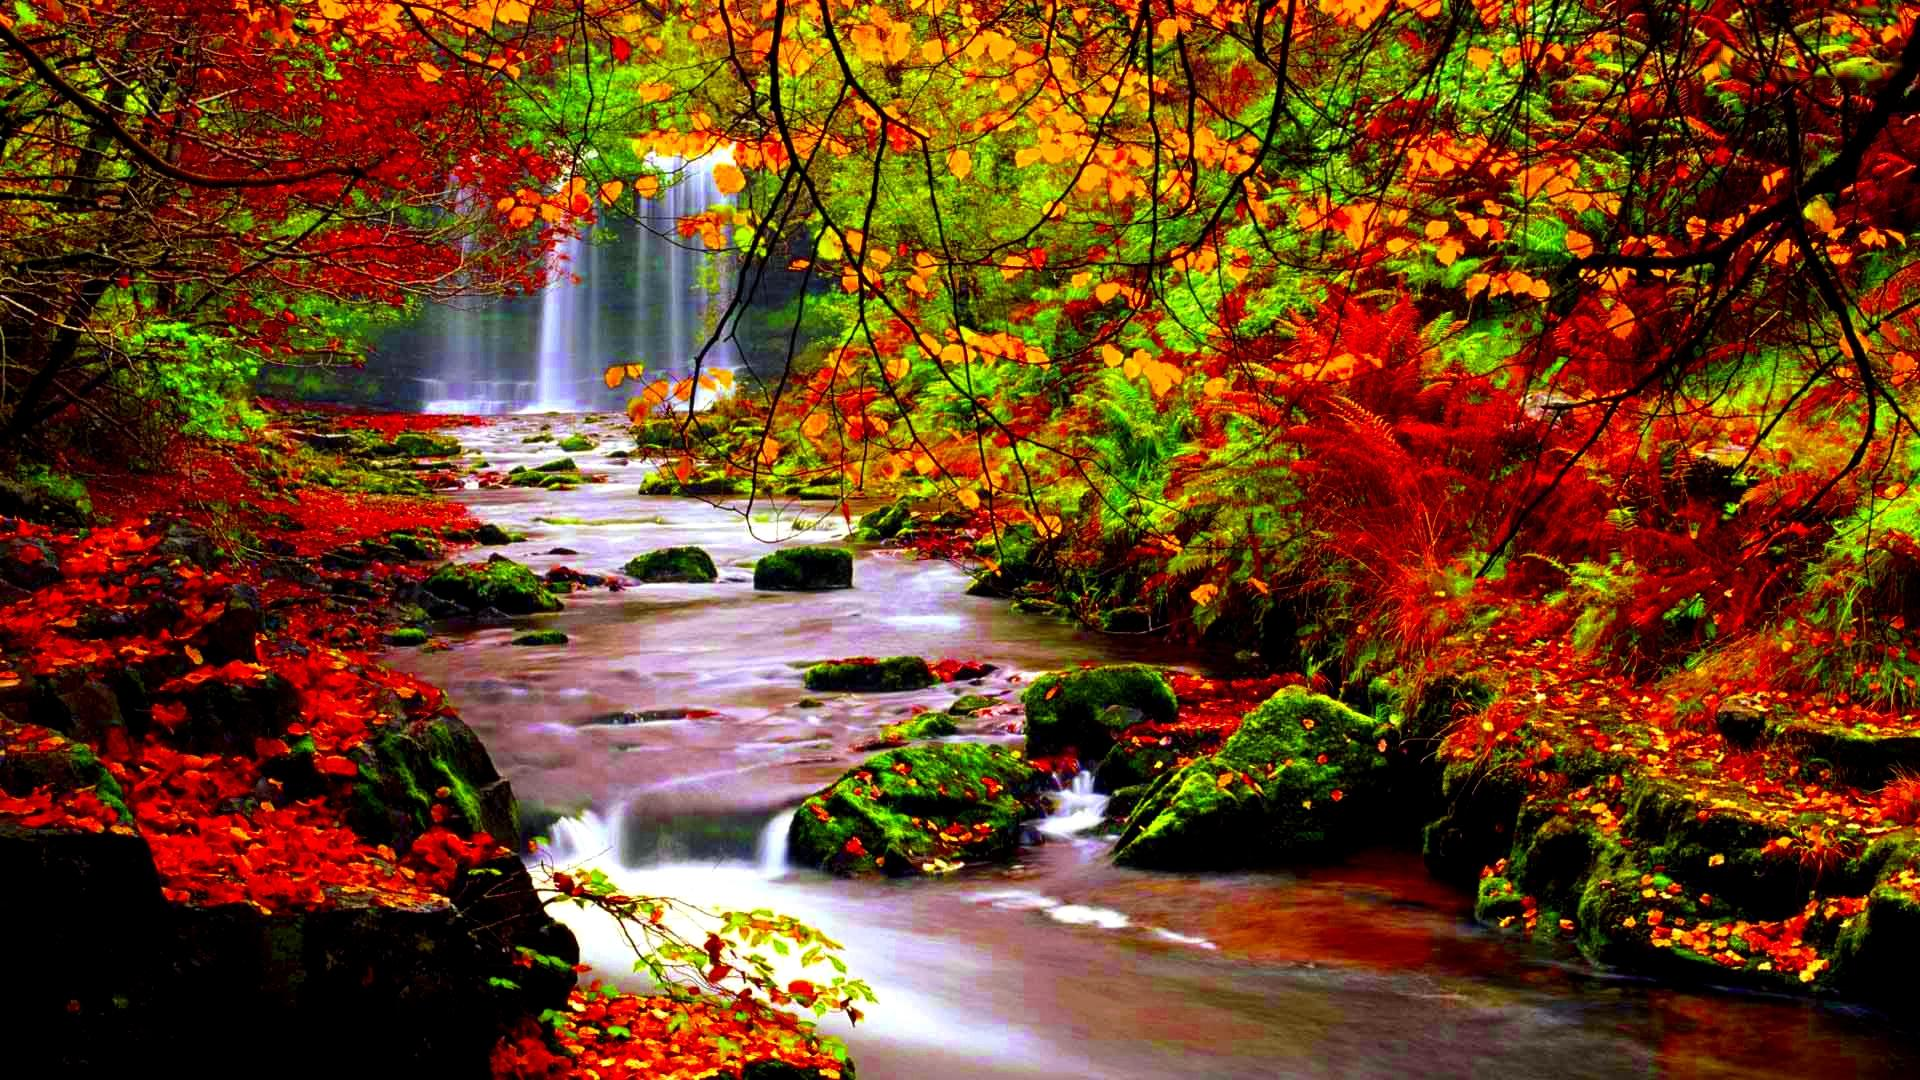 Fondos oto o wallpapers autumn fondos de pantalla de oto o for Wallpaper gratuit hd